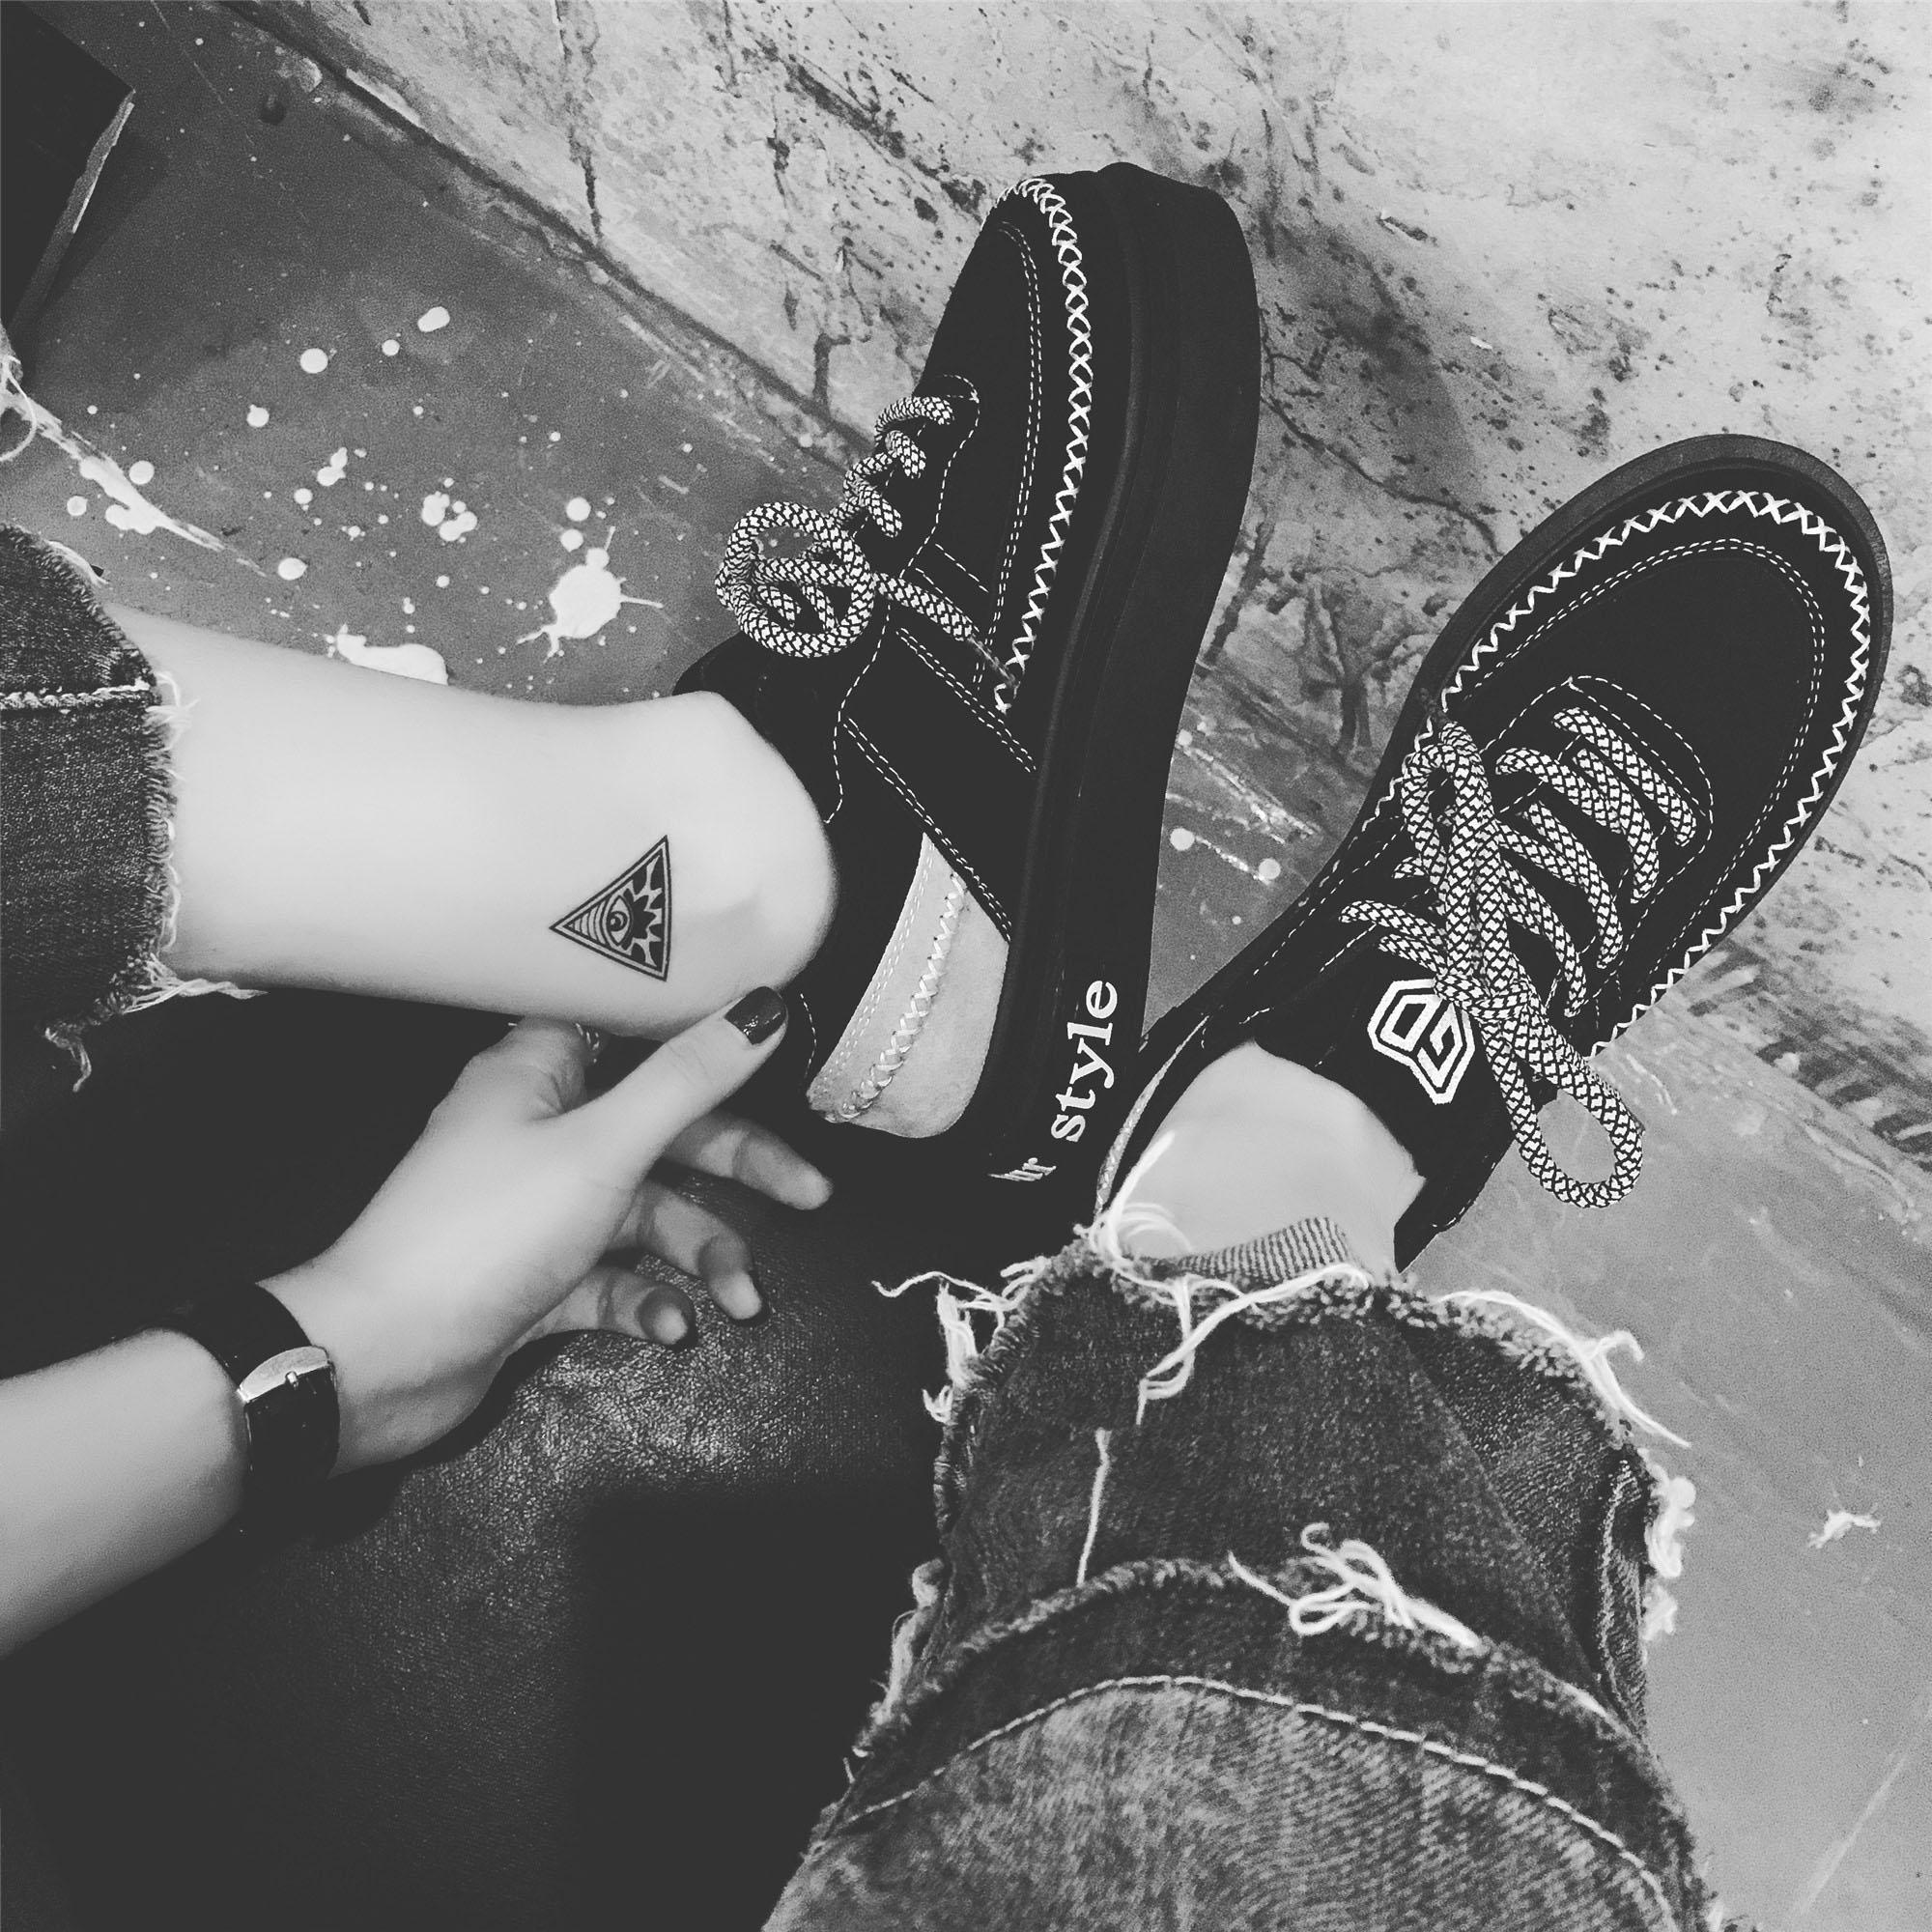 黑色运动鞋 韩版ulzzang原宿运动鞋女黑色厚底百搭学生跑步休闲鞋系带板鞋潮_推荐淘宝好看的黑色运动鞋